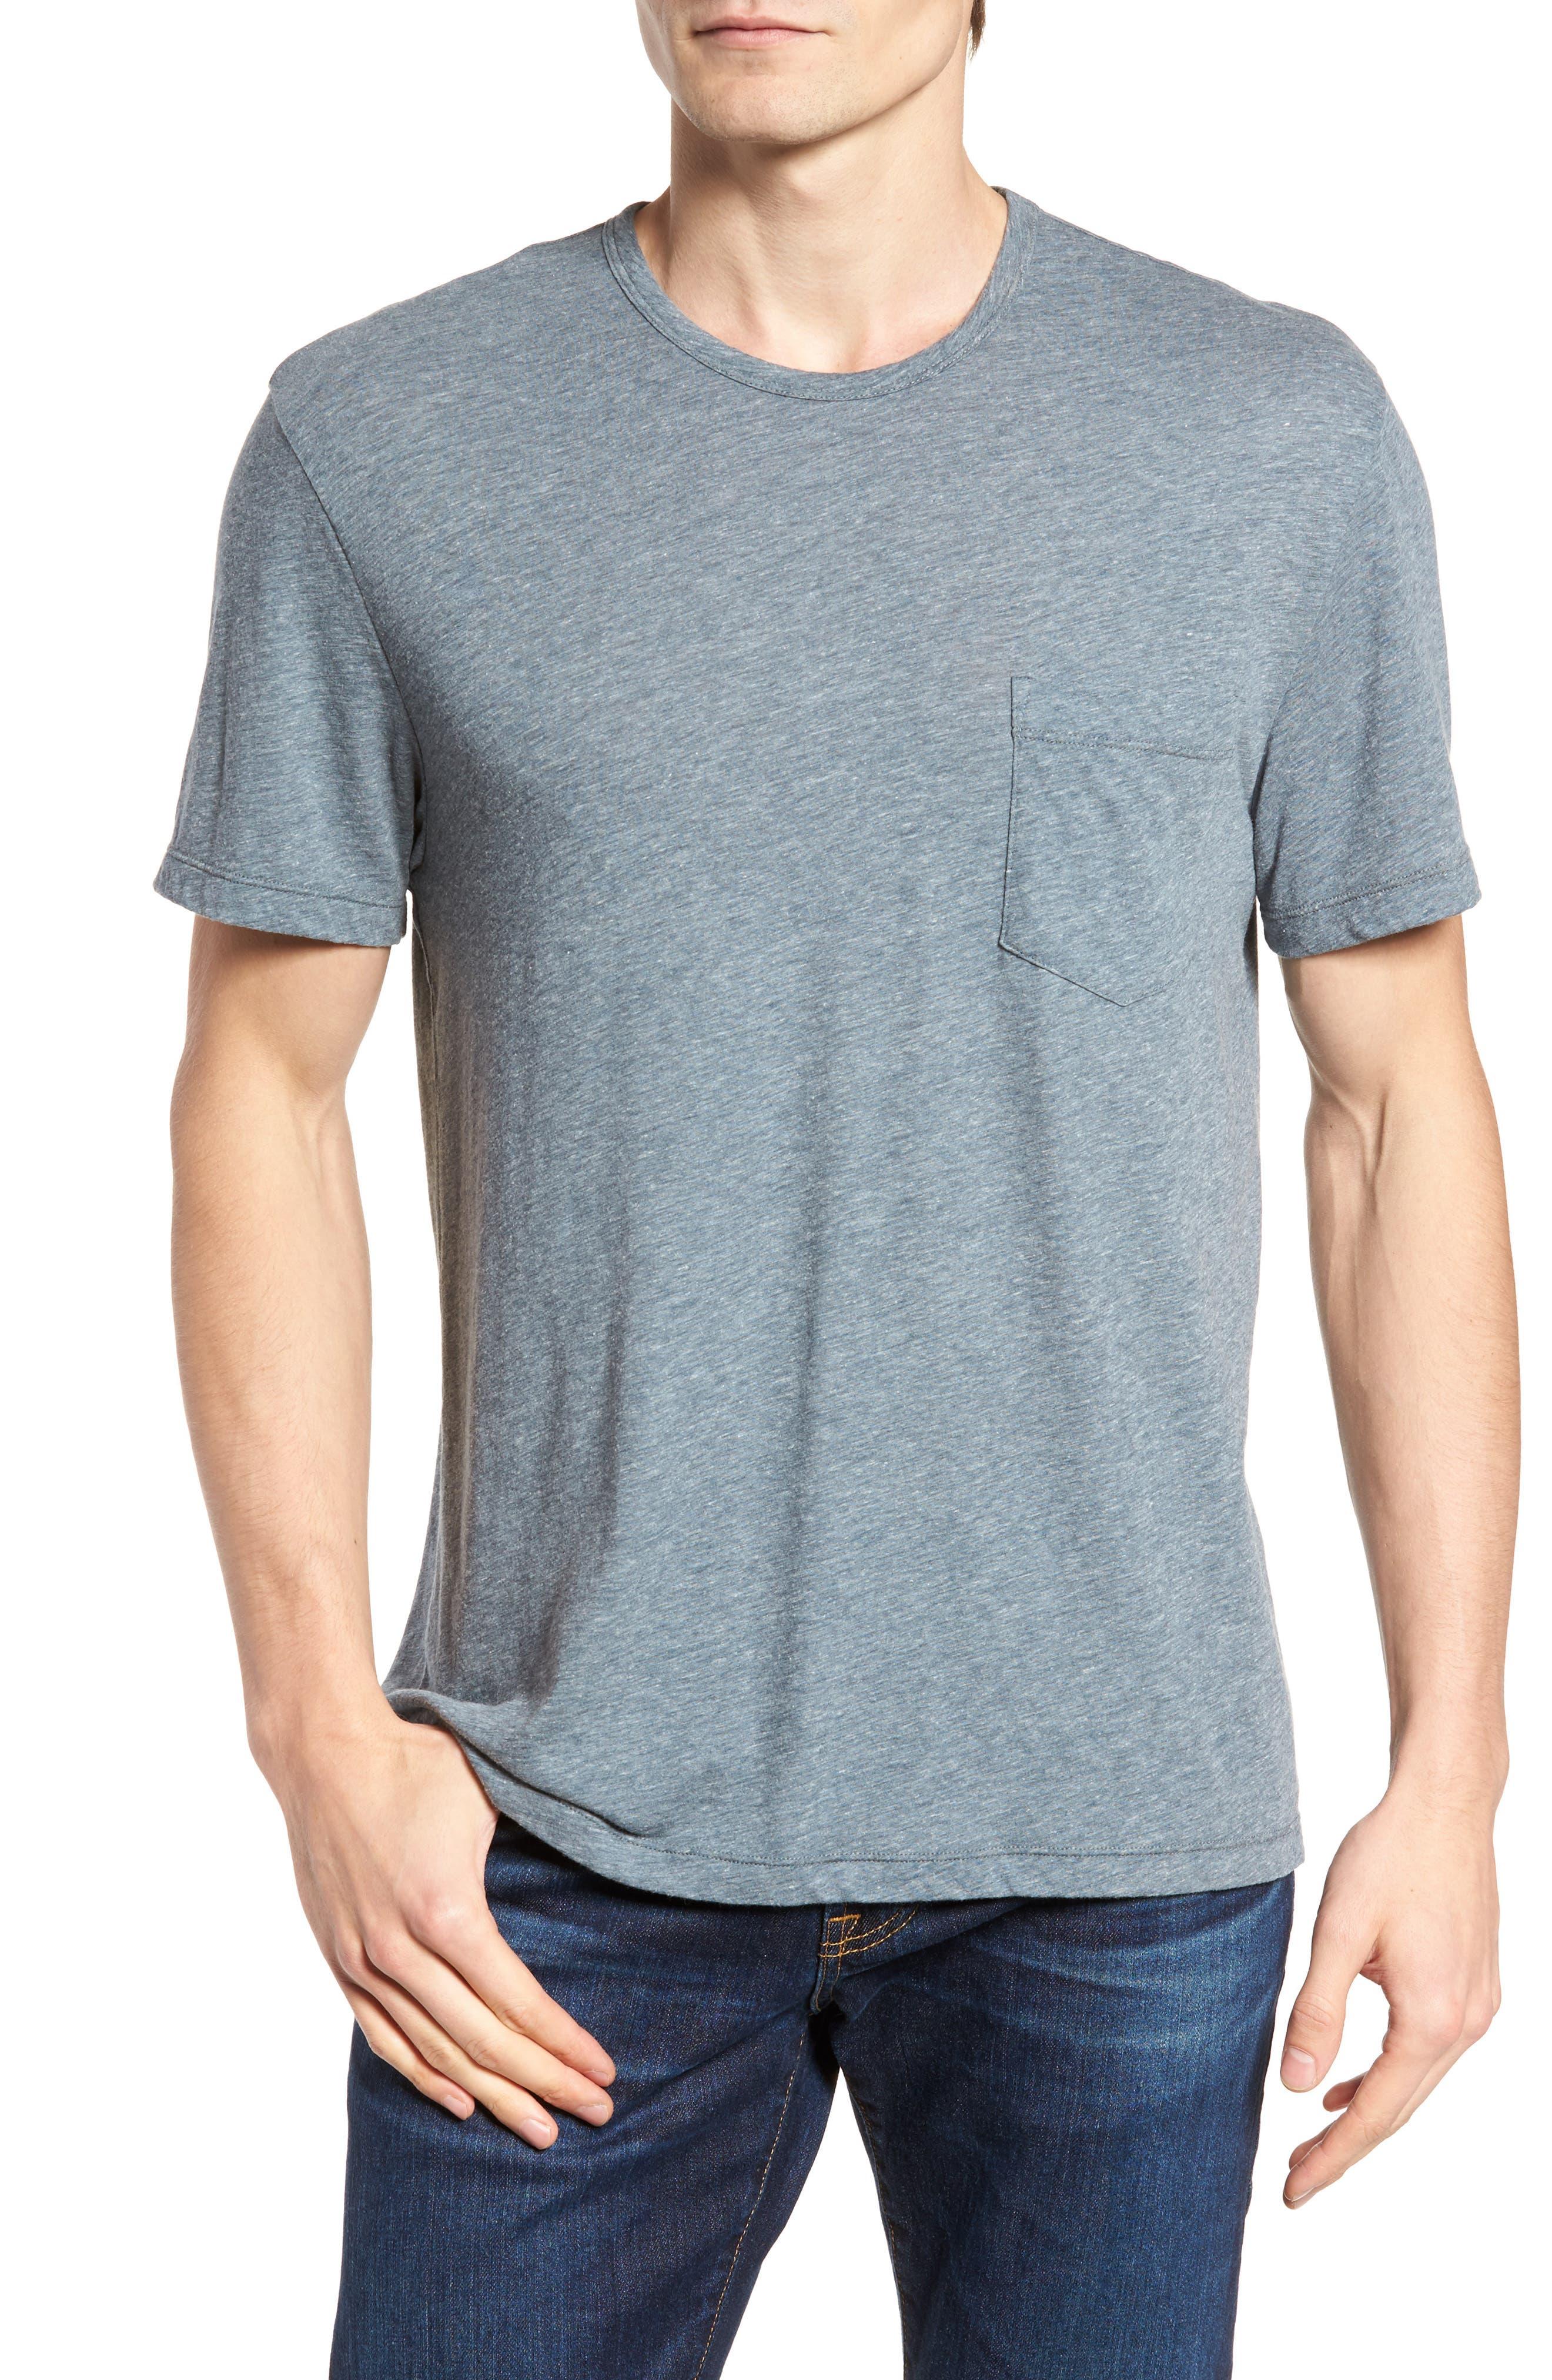 Main Image - James Perse Slubbed Cotton & Linen Pocket T-Shirt